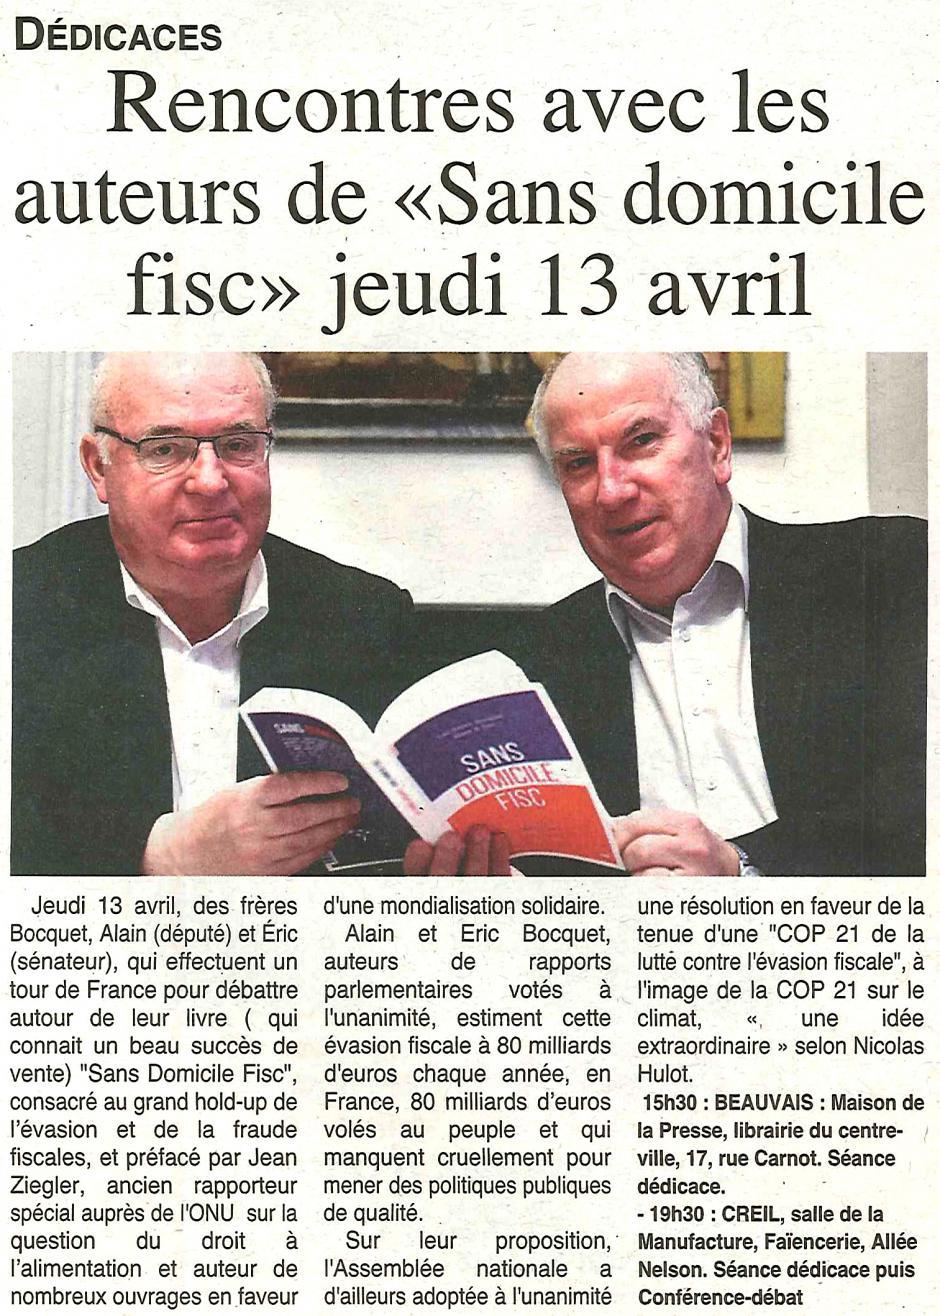 20170412-OH-Oise-Rencontres avec les auteurs de « Sans Domicile Fisc » jeudi 13 avril